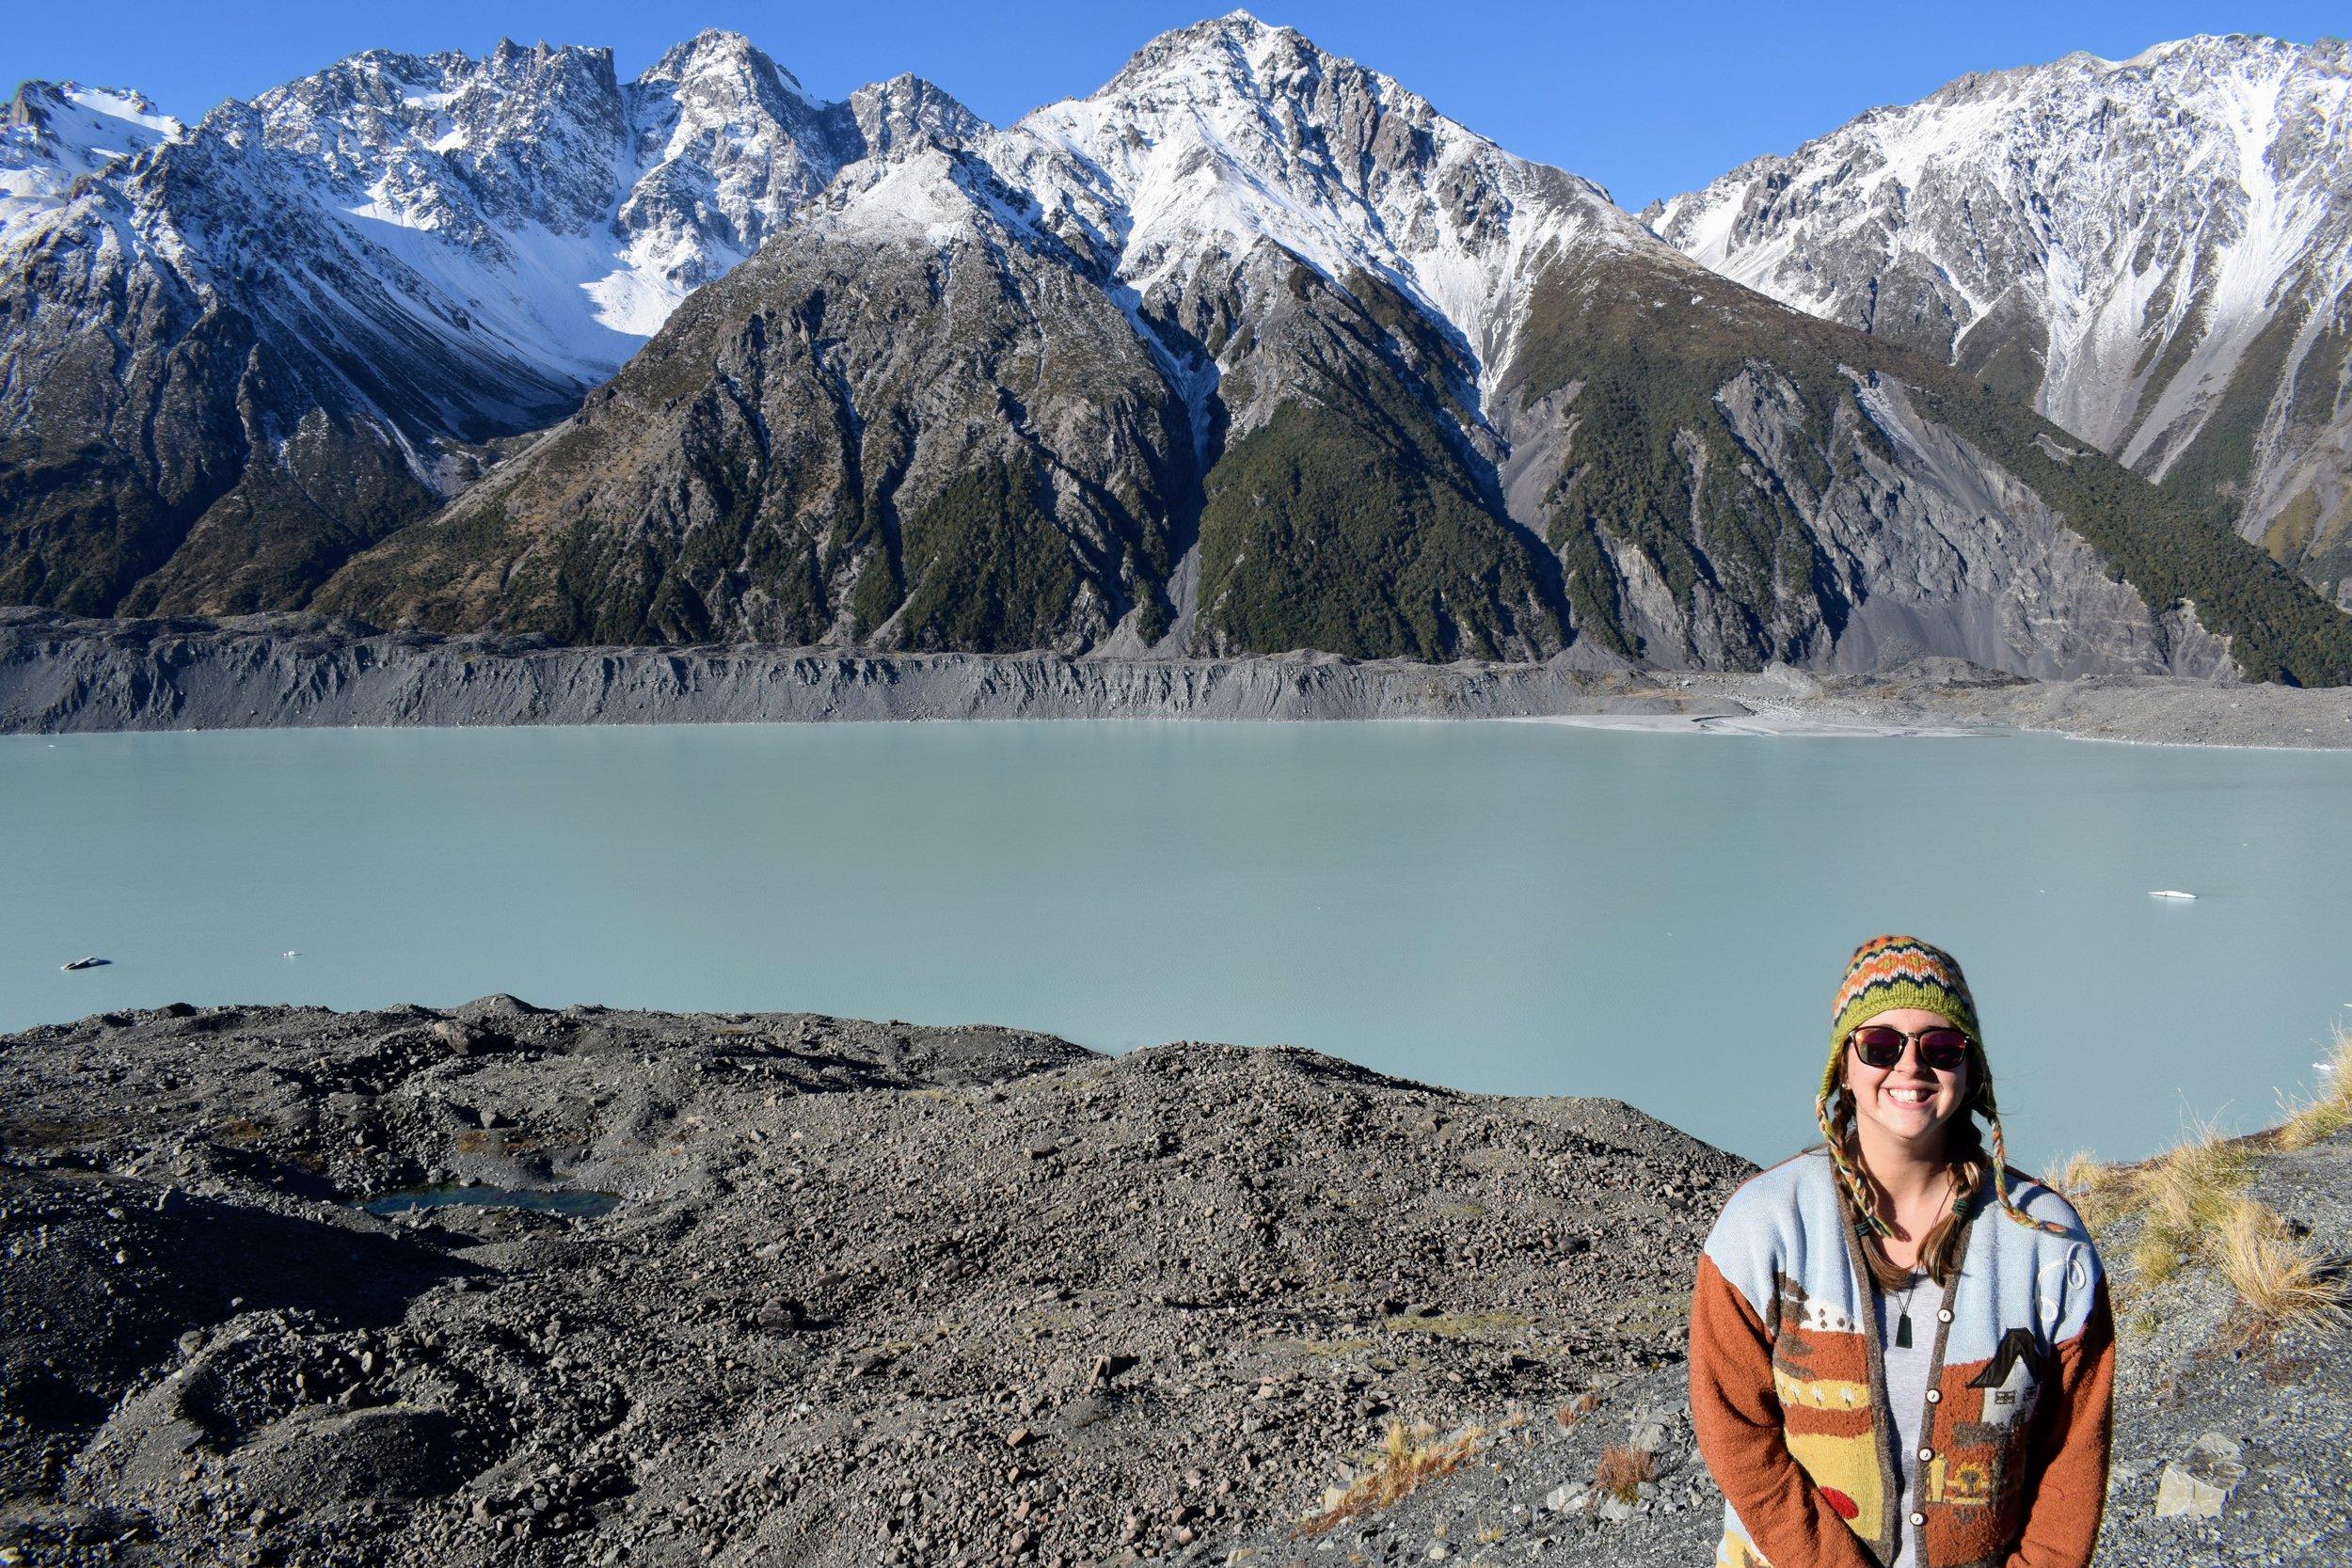 The glacial moraine lake of Tasman Valley behind me.